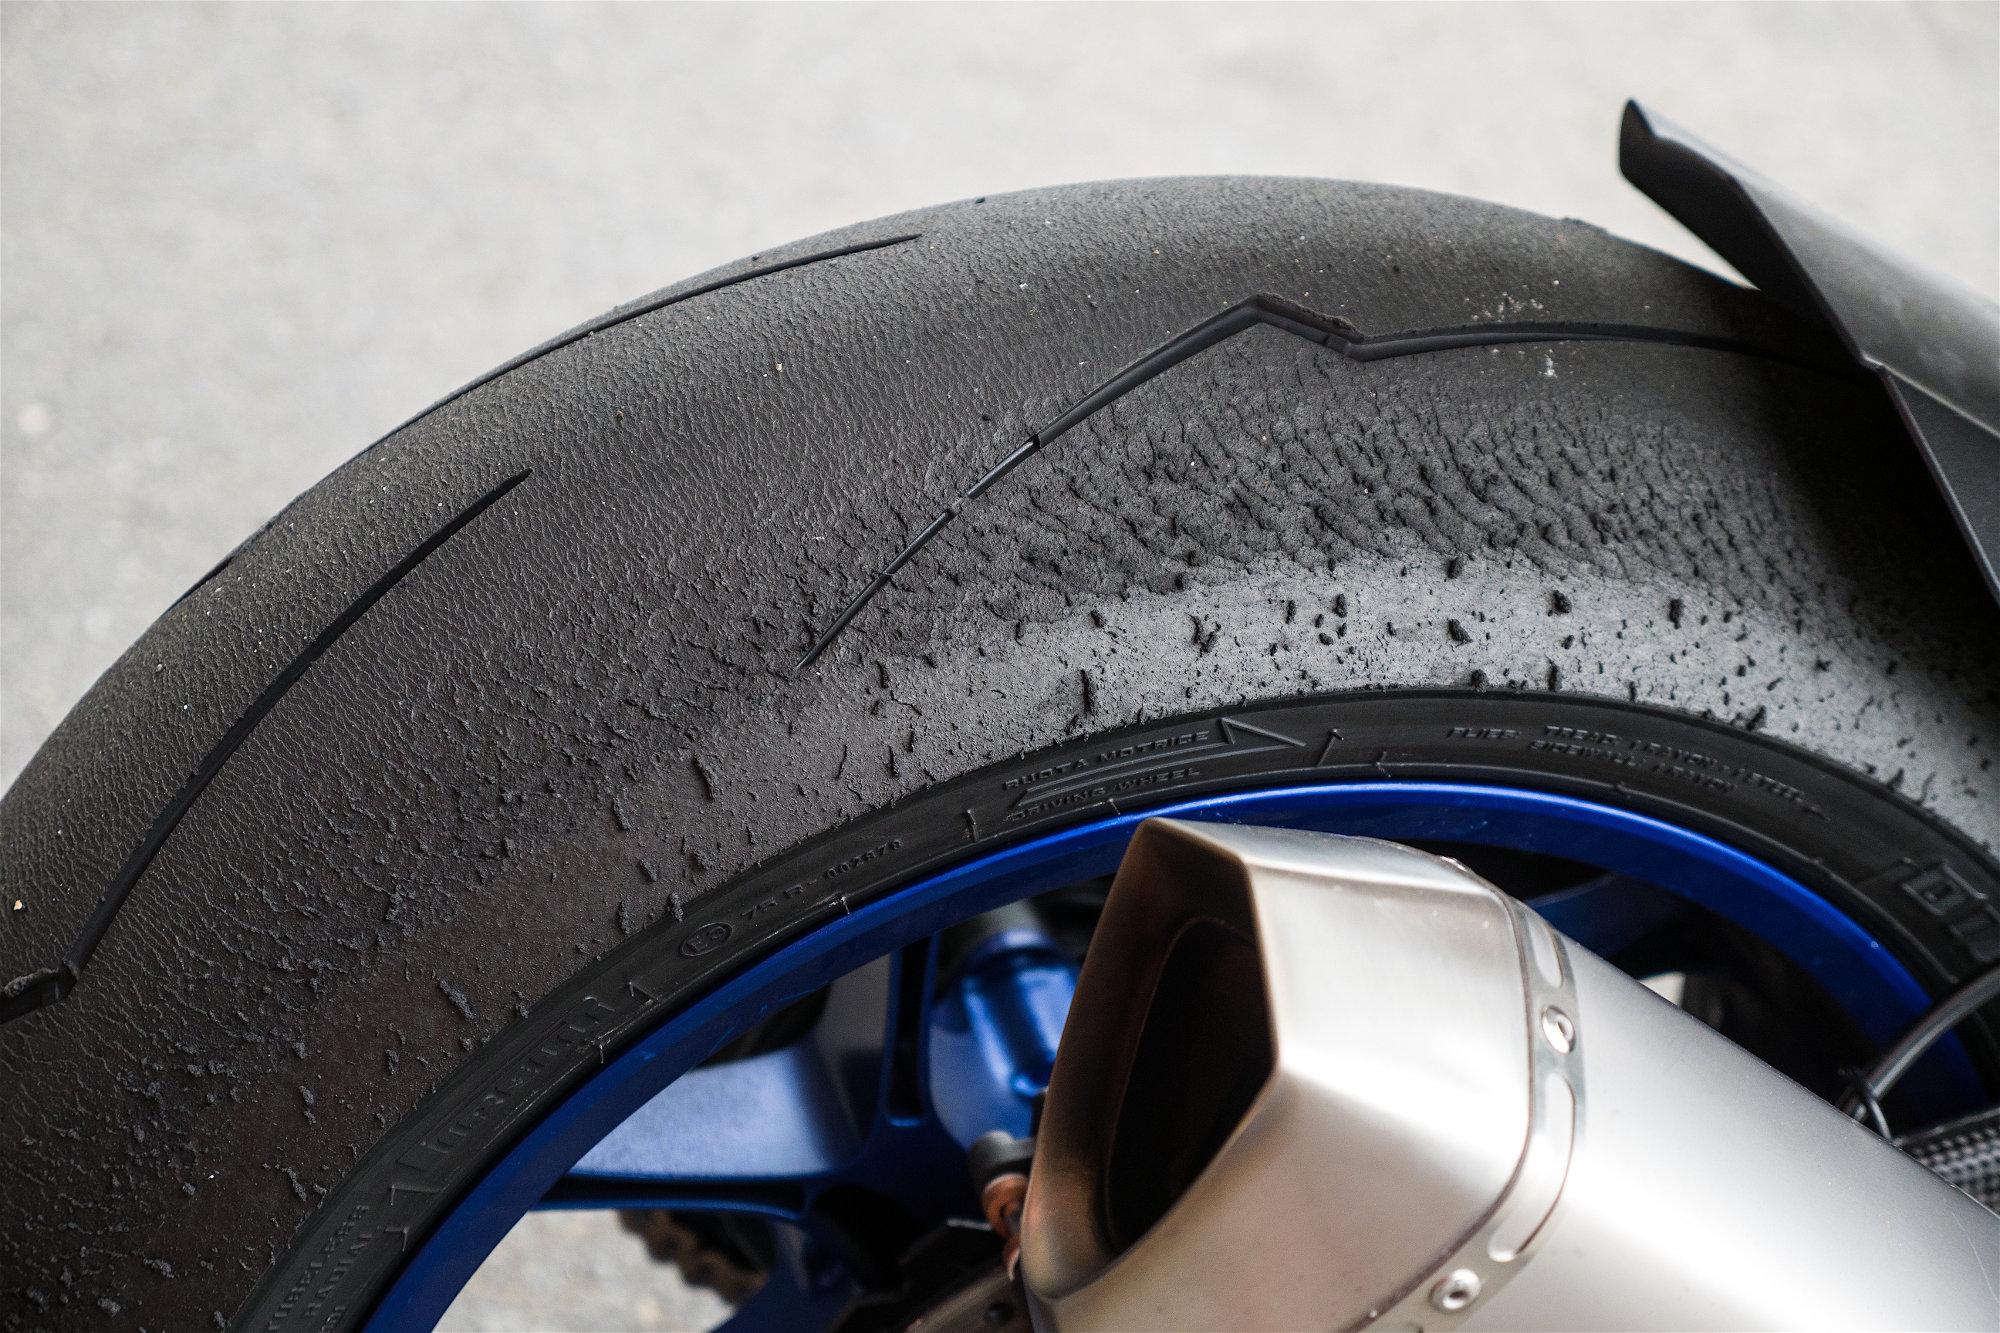 Avec les pneus Pirelli Supercorsa V2, on peut utiliser toute la puissance de la moto, sans crainte.